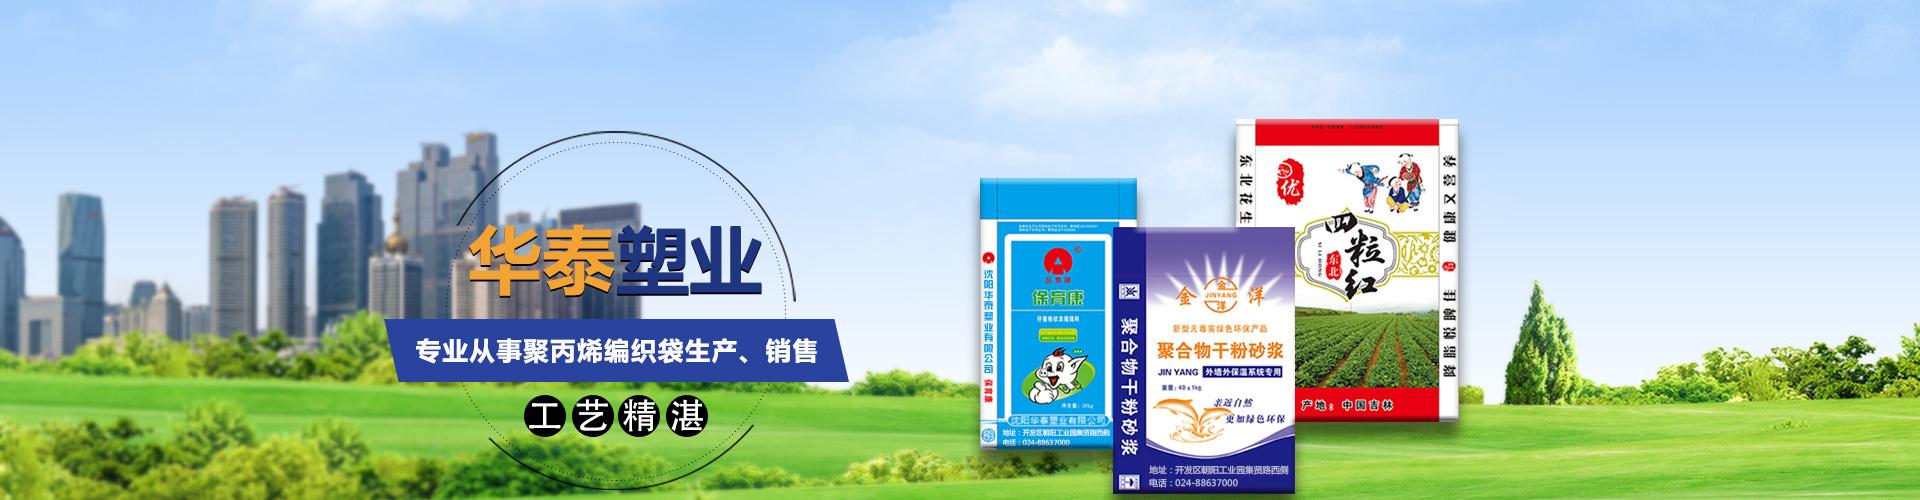 沈阳华泰塑业有限公司